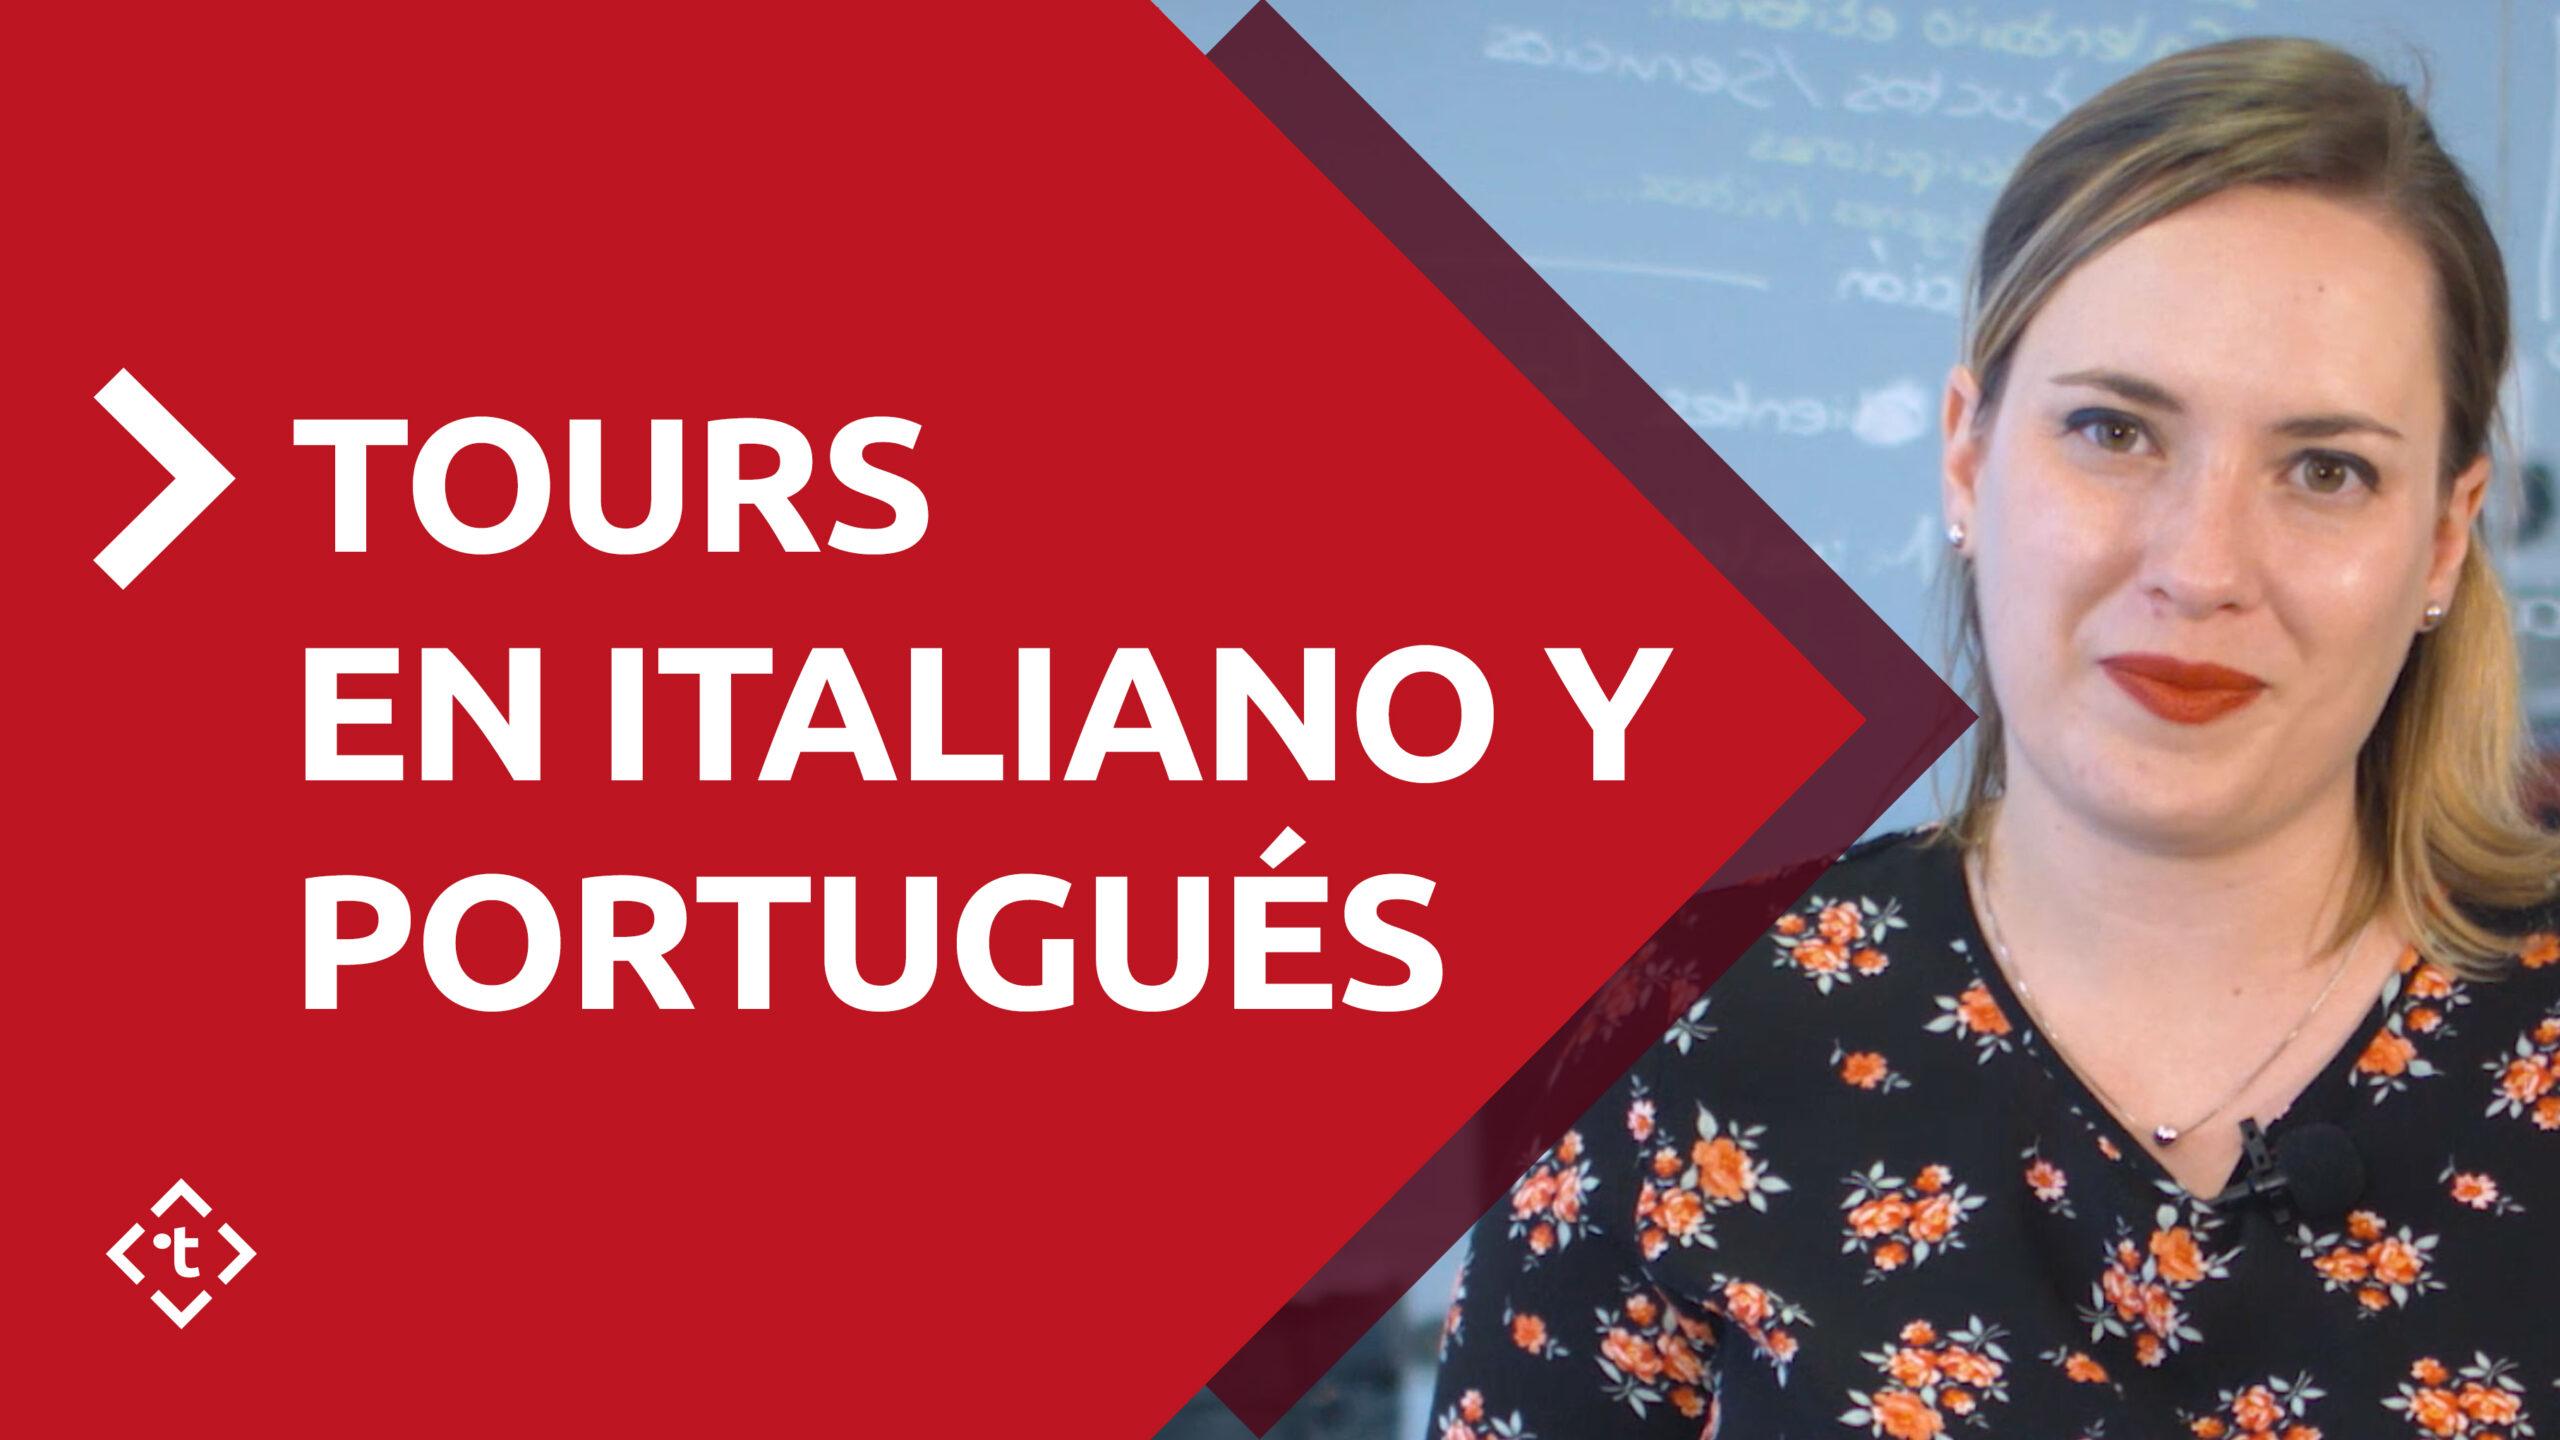 TOURS EN ITALIANO Y PORTUGUÉS